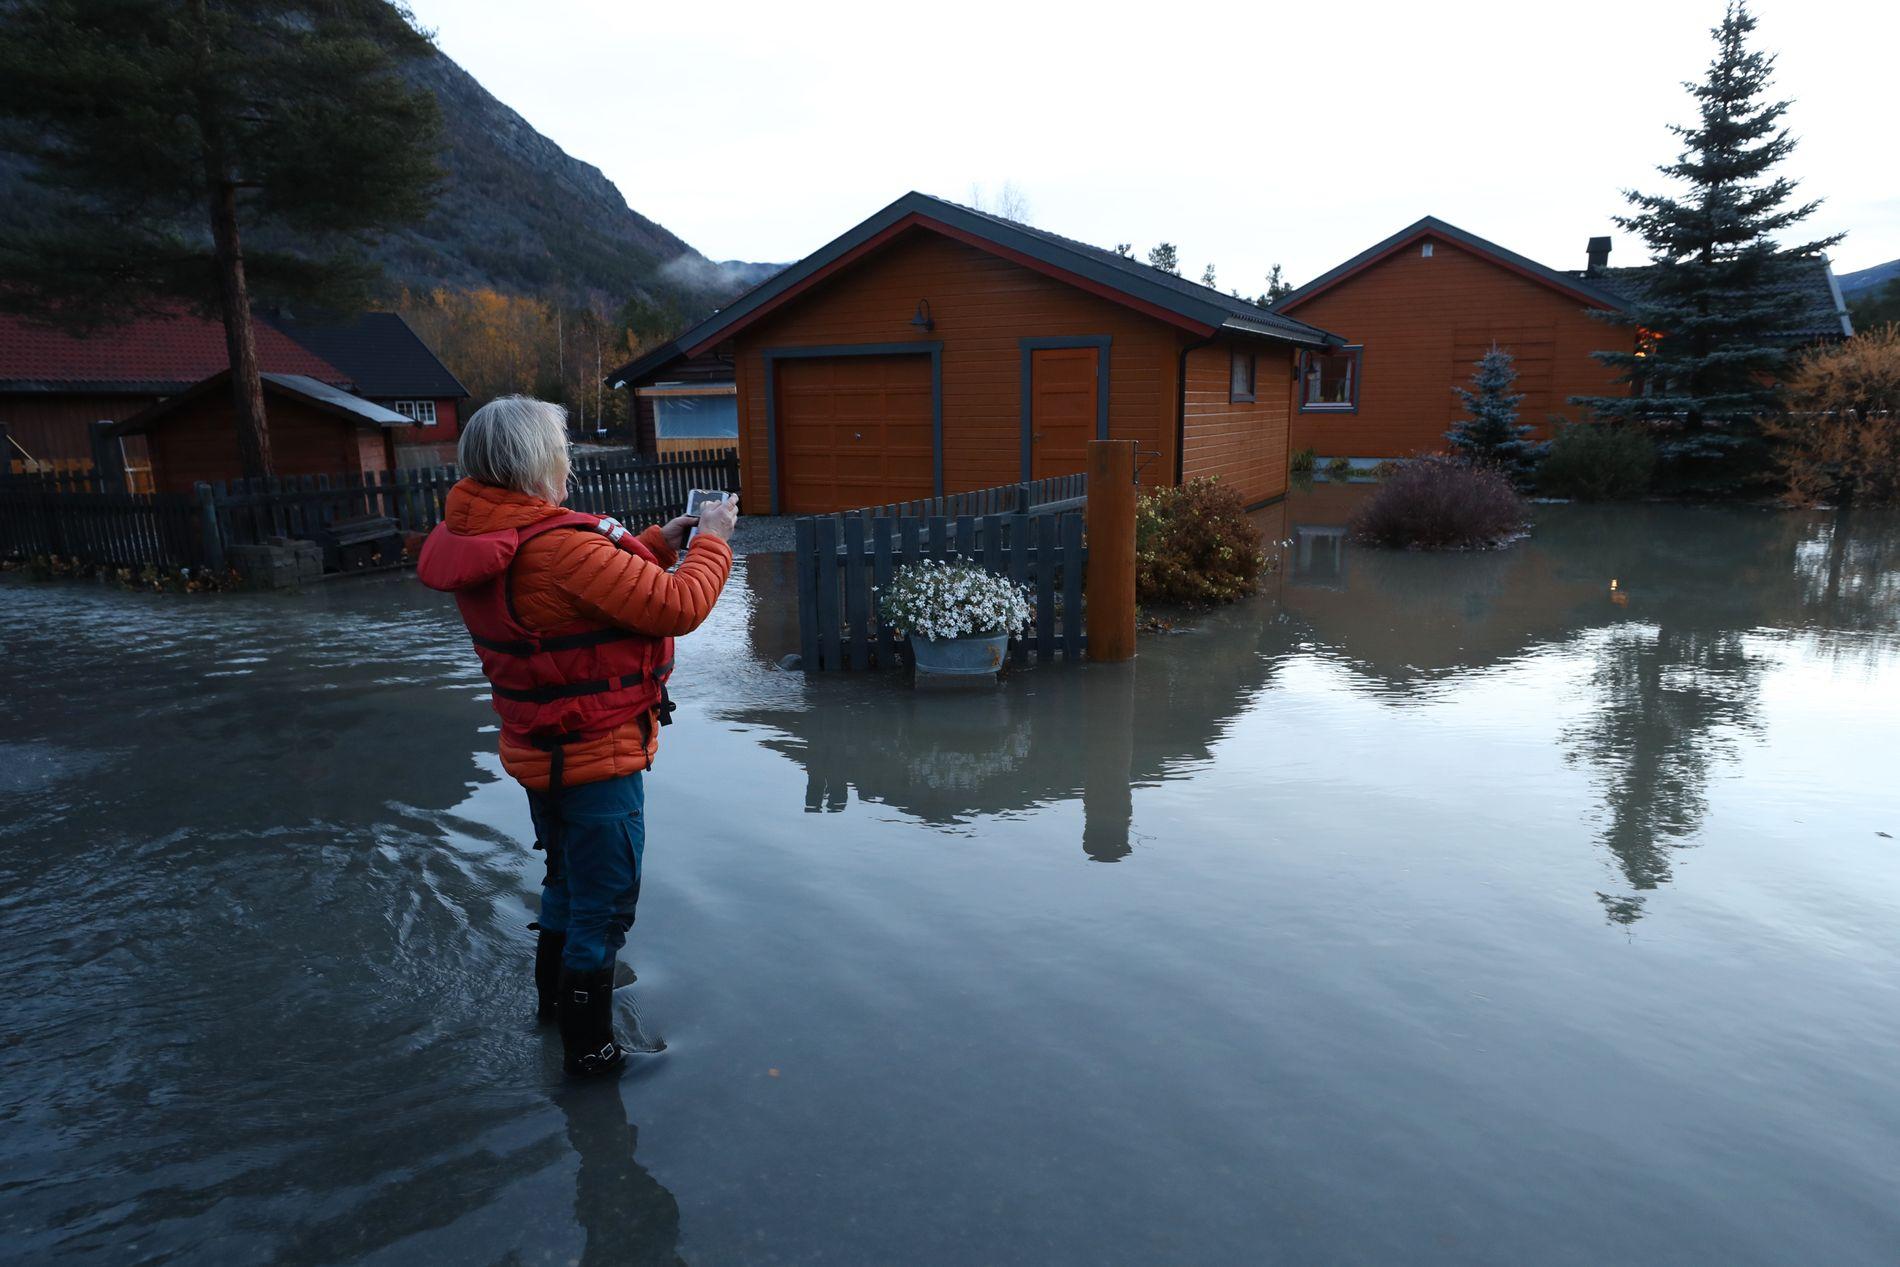 TØRT: Karin Vange tar bilde av huset sitt i Bismo i Skjåk. Hun var blant de første som ble rammet av flommen. Hun takker Gud for at det er tørt inne.